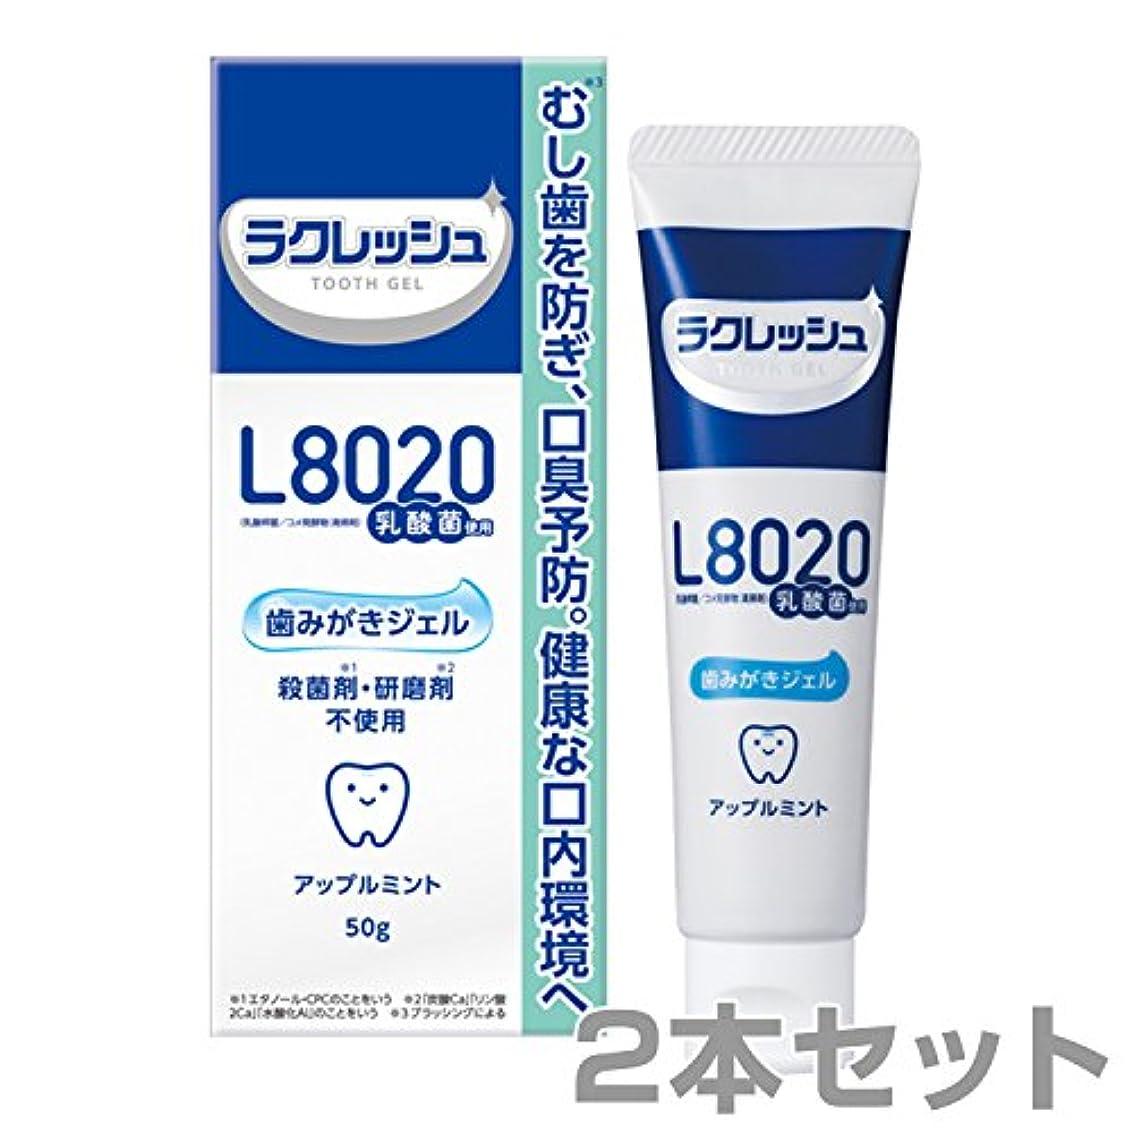 性差別エレガント単位ジェクス(JEX) ラクレッシュ L8020 乳酸菌 歯みがきジェル (50g) 2本セット アップルミント風味